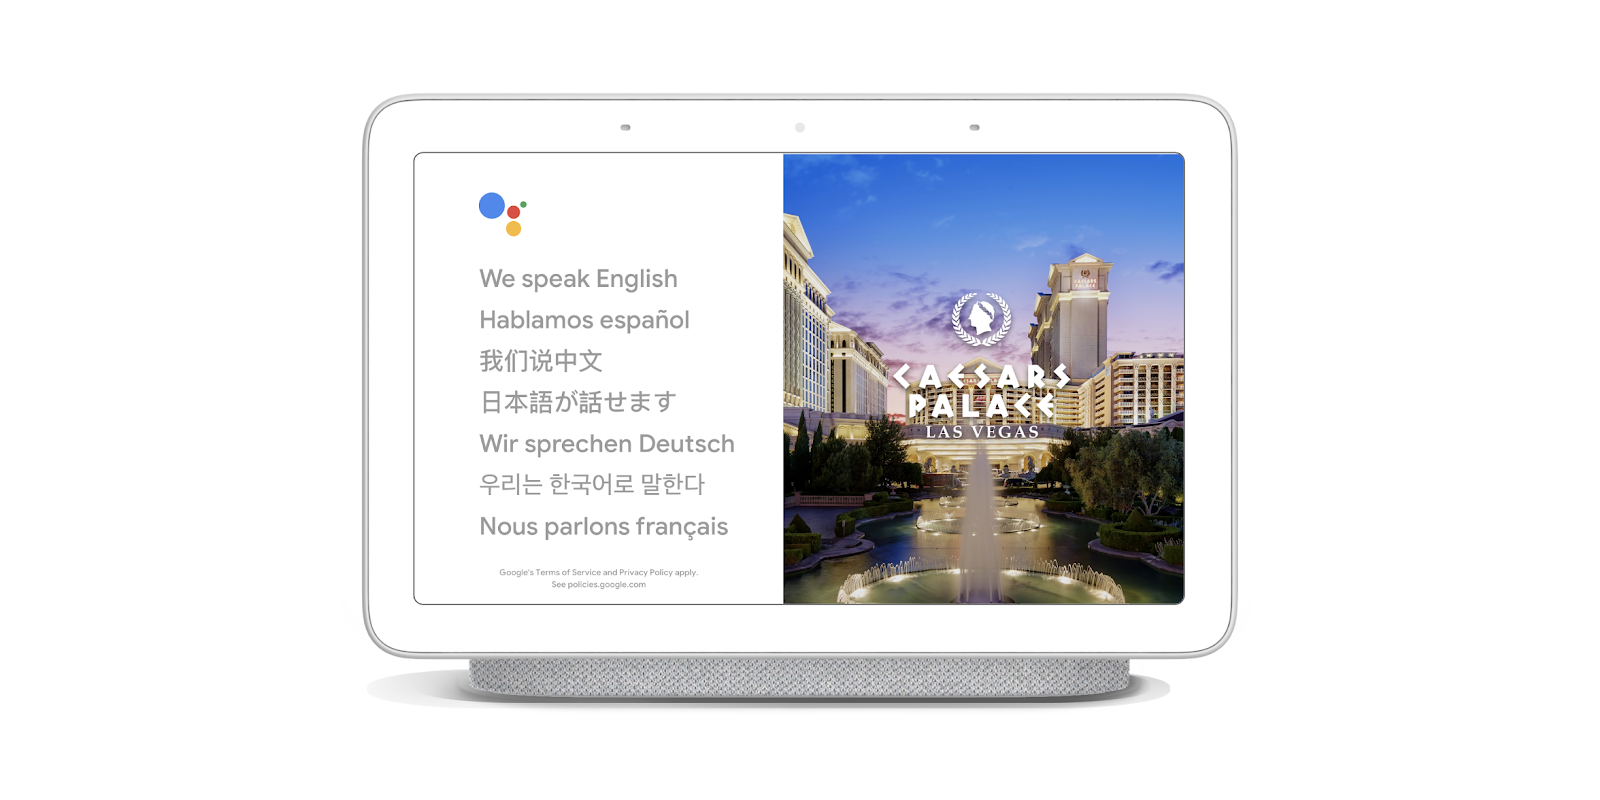 Google Assistant L Interprete Traduit En Live Parmi 27 Langues